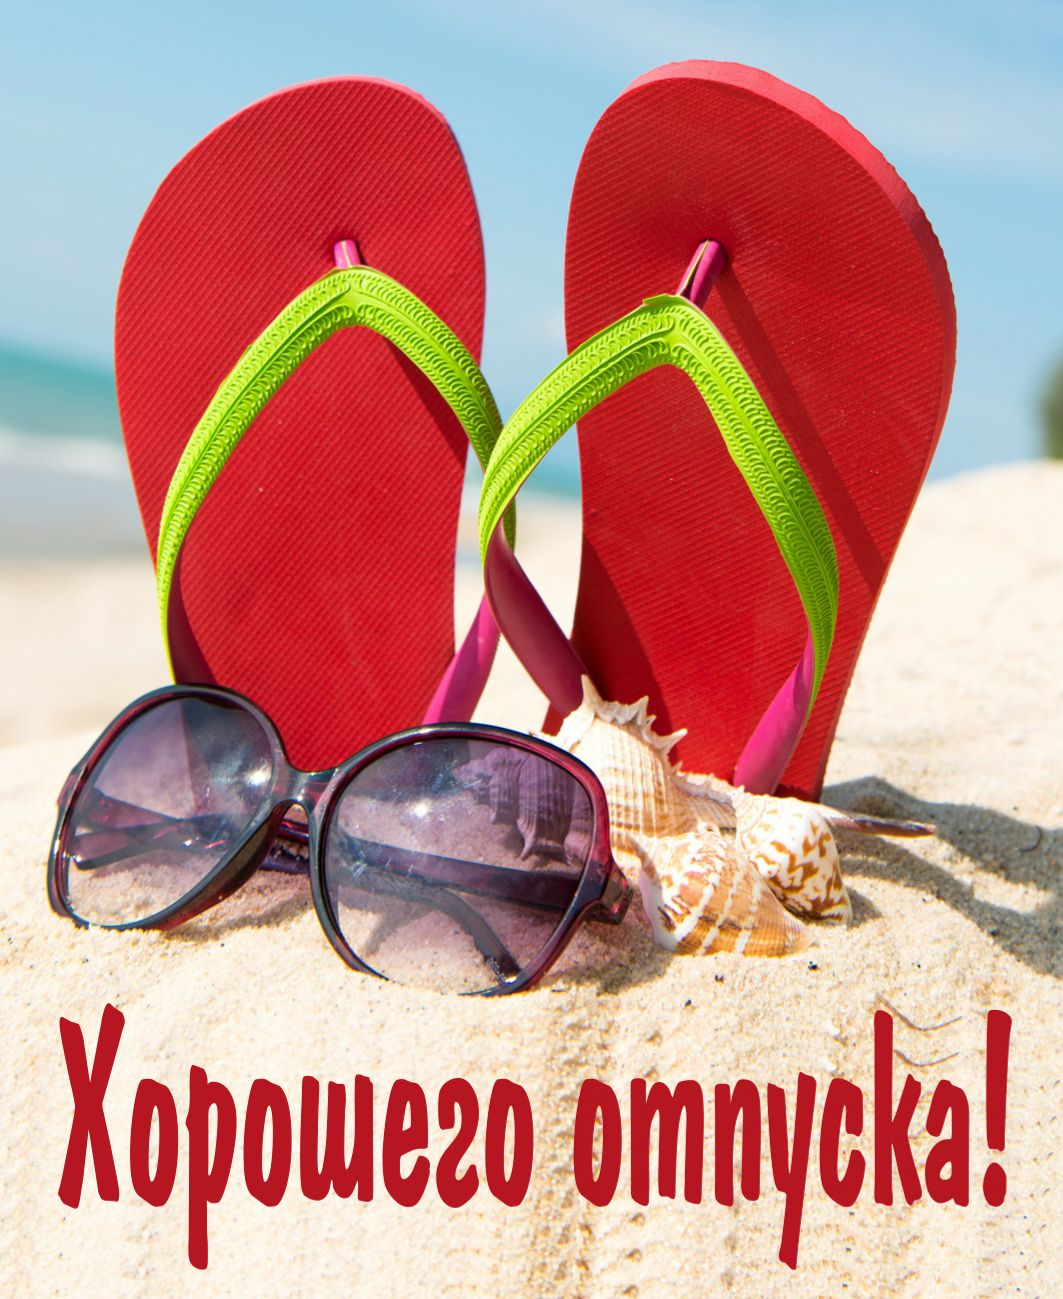 открытка с отпуском - очки и тапочки на белом прибрежном песке